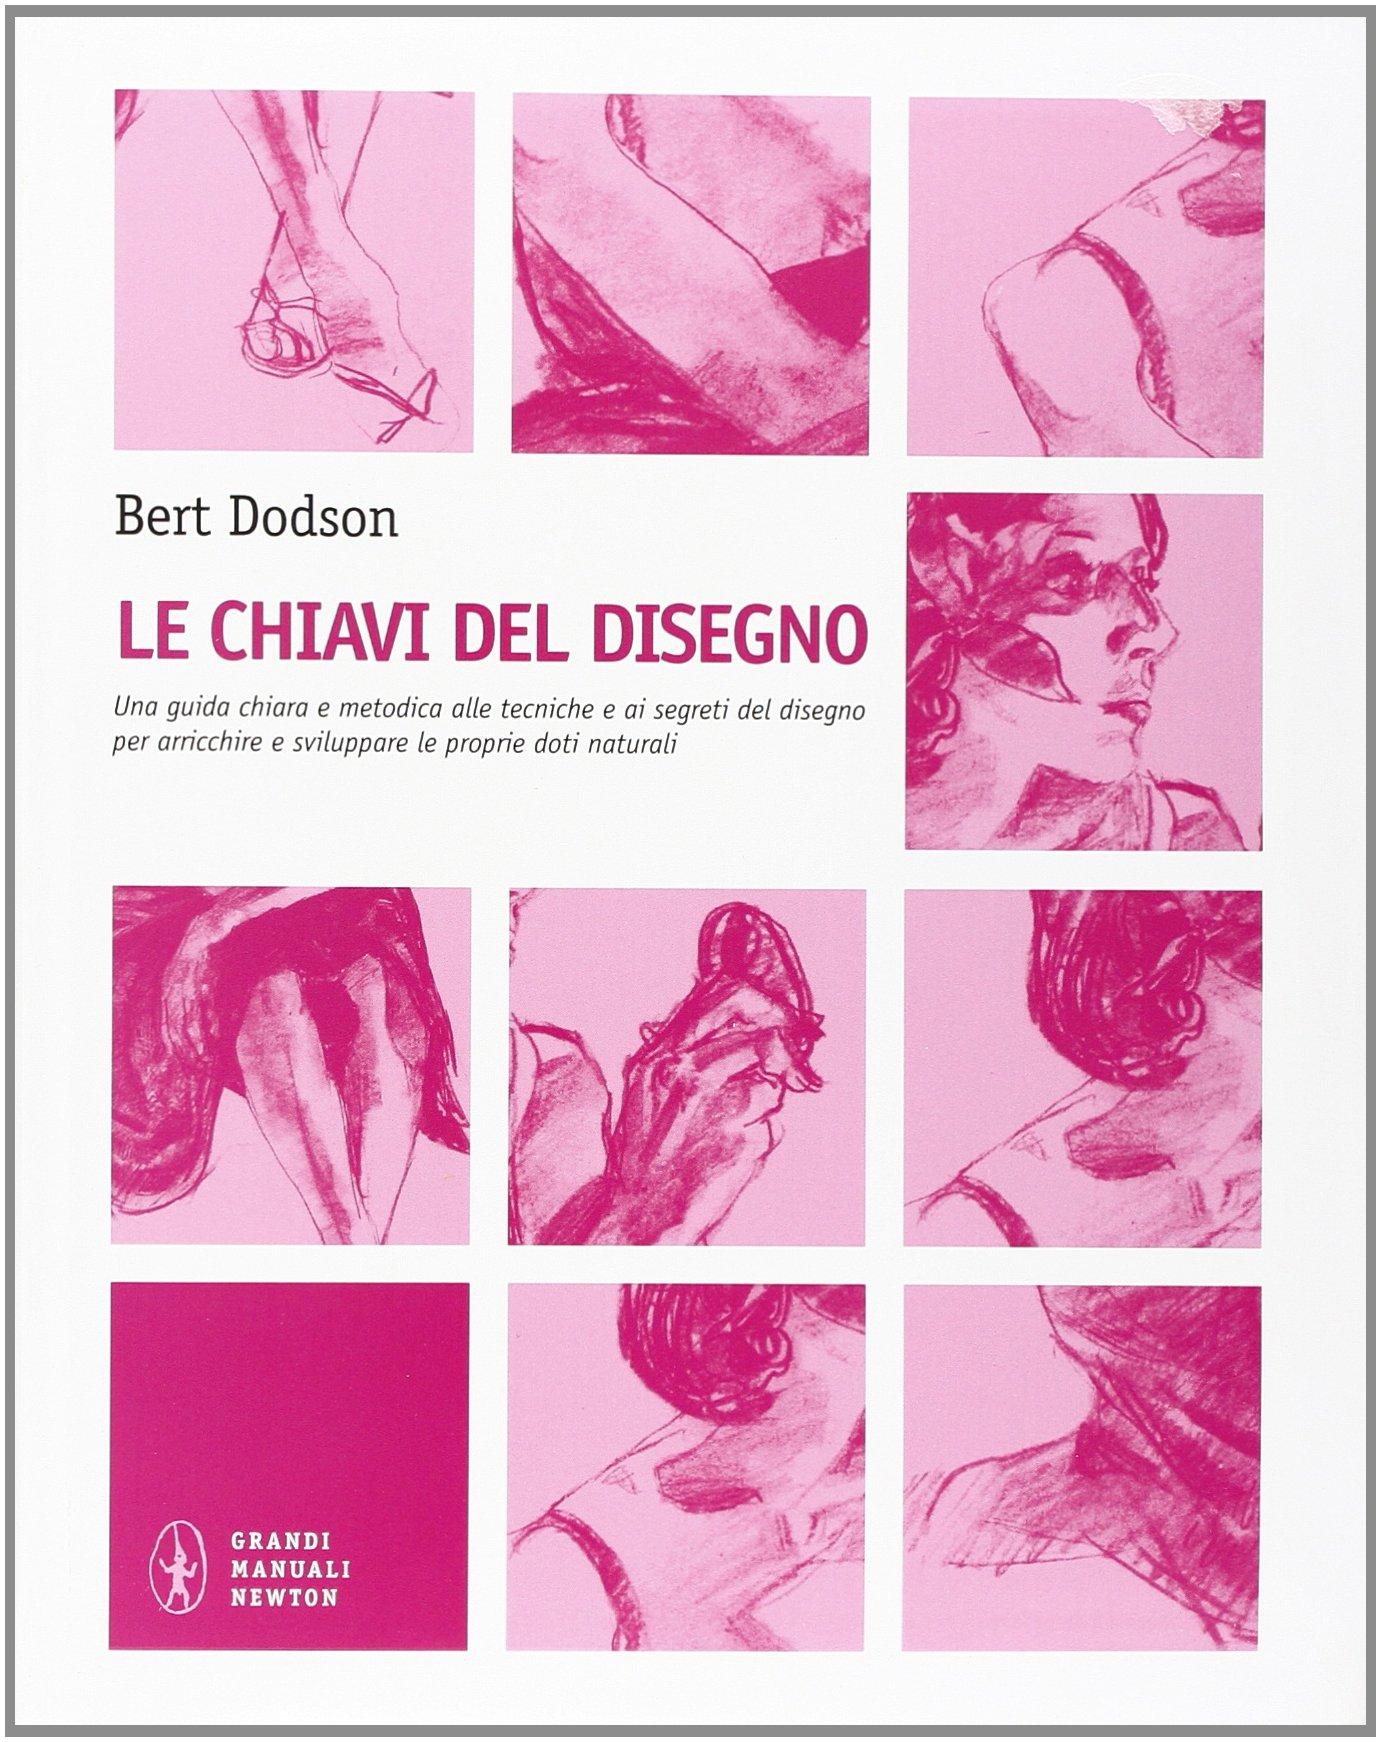 Le Chiavi Del Disegno.Amazon It Le Chiavi Del Disegno Bert Dodson F Ricci Libri